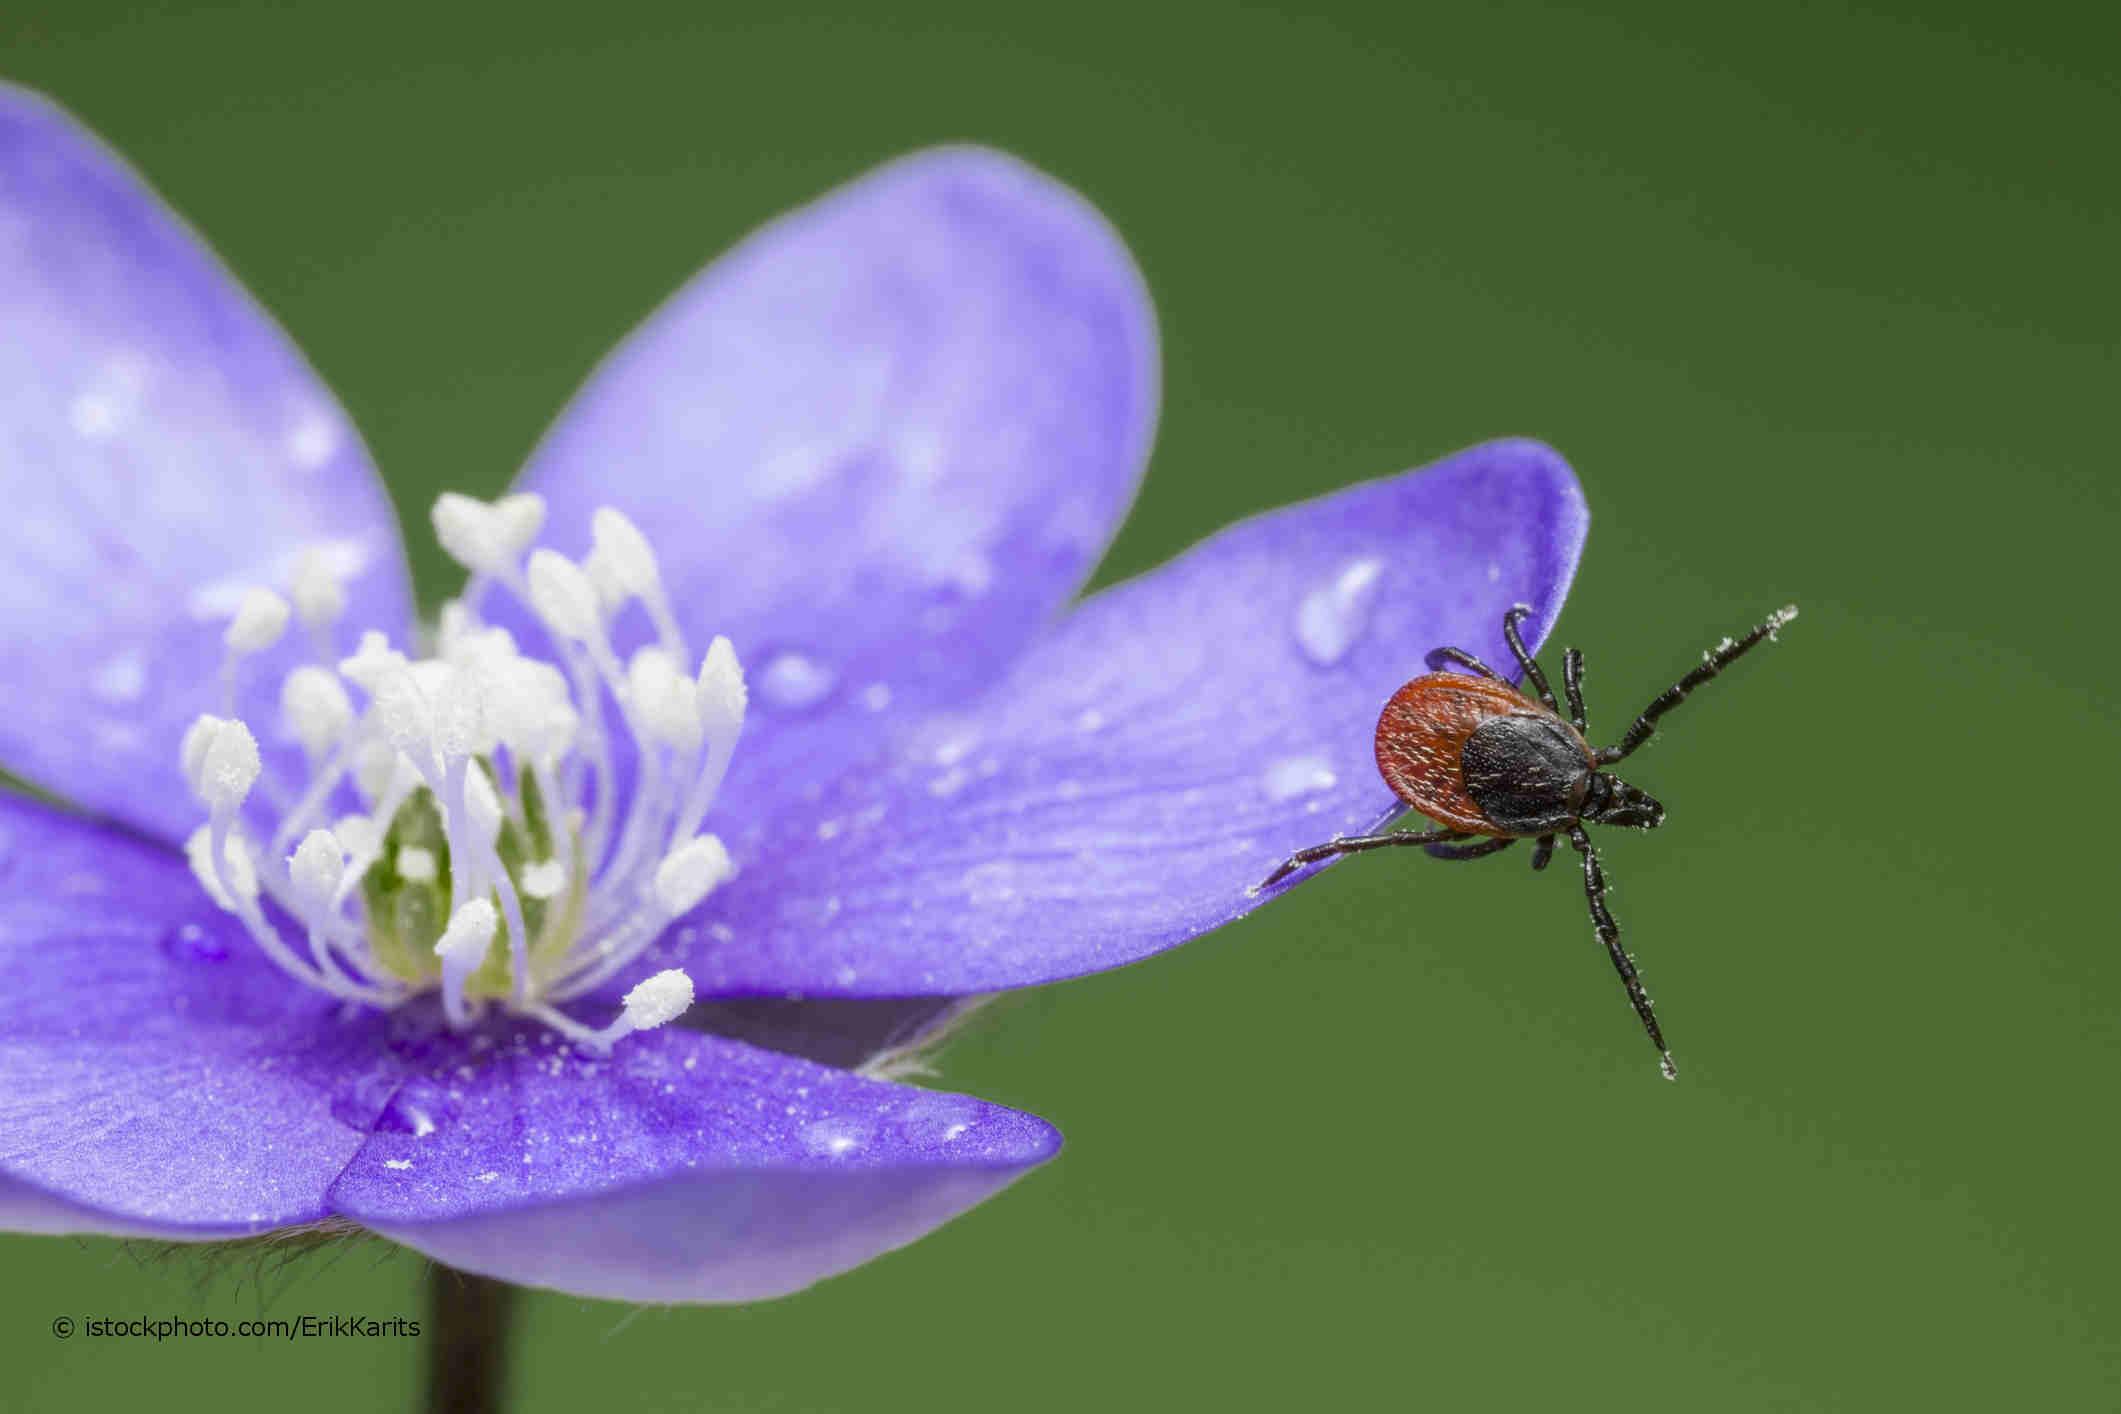 Mit Borrelien infizierter Holzbock sitzt auf einer blauen Blüte.